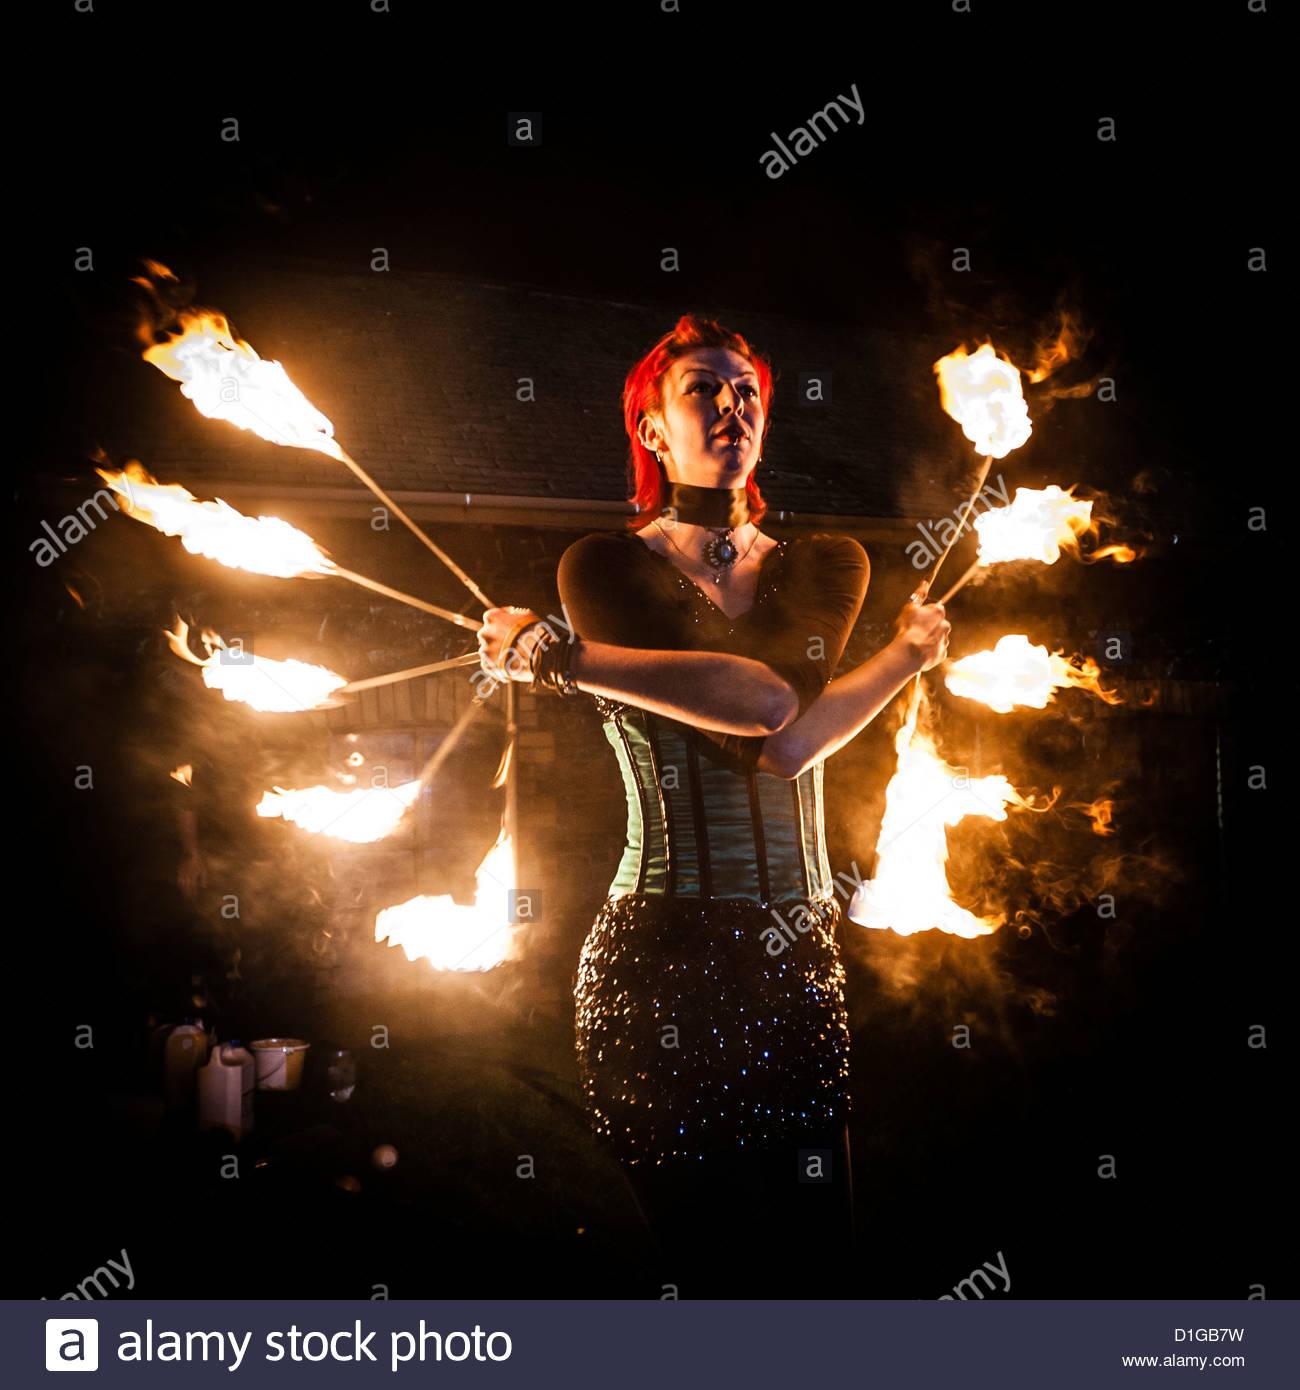 High Resolution Wallpaper   Fire Juggling 1300x1390 px